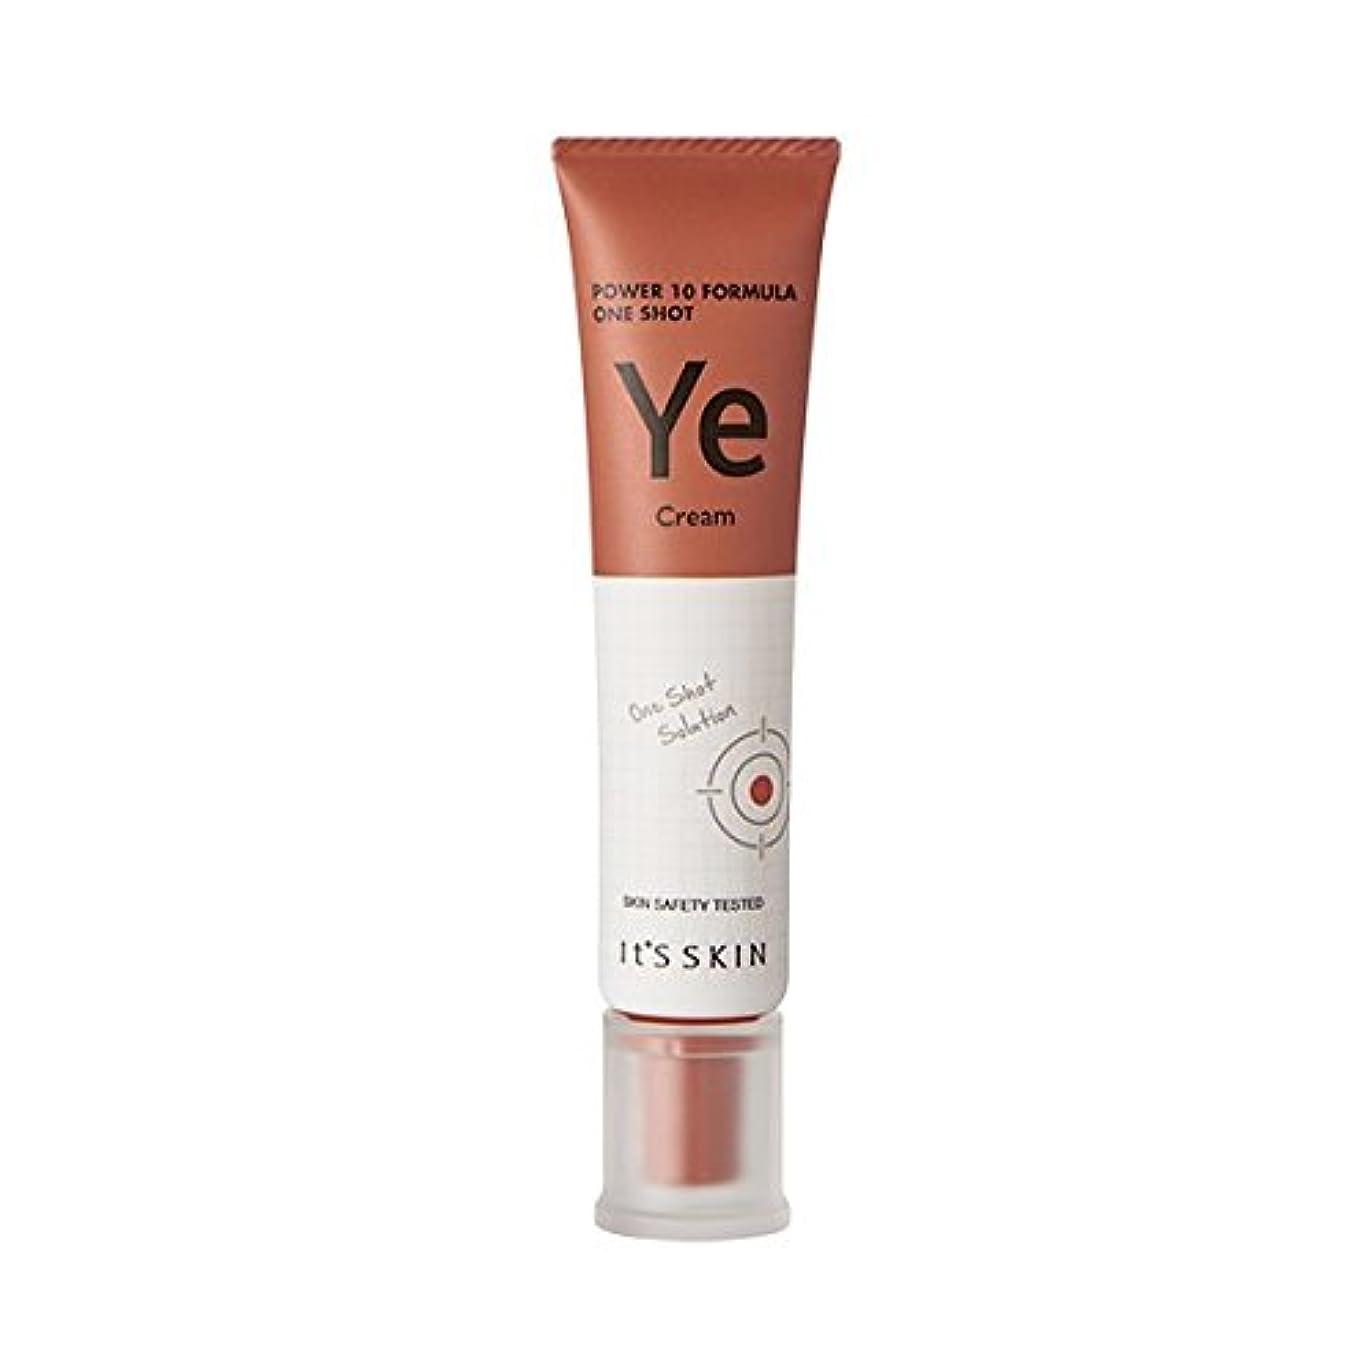 甘味いわゆる鎮静剤[New] It's Skin Power 10 Formula One Shot Cream (Ye) / イッツスキンパワー10 フォーミュラワンショットクリーム [並行輸入品]